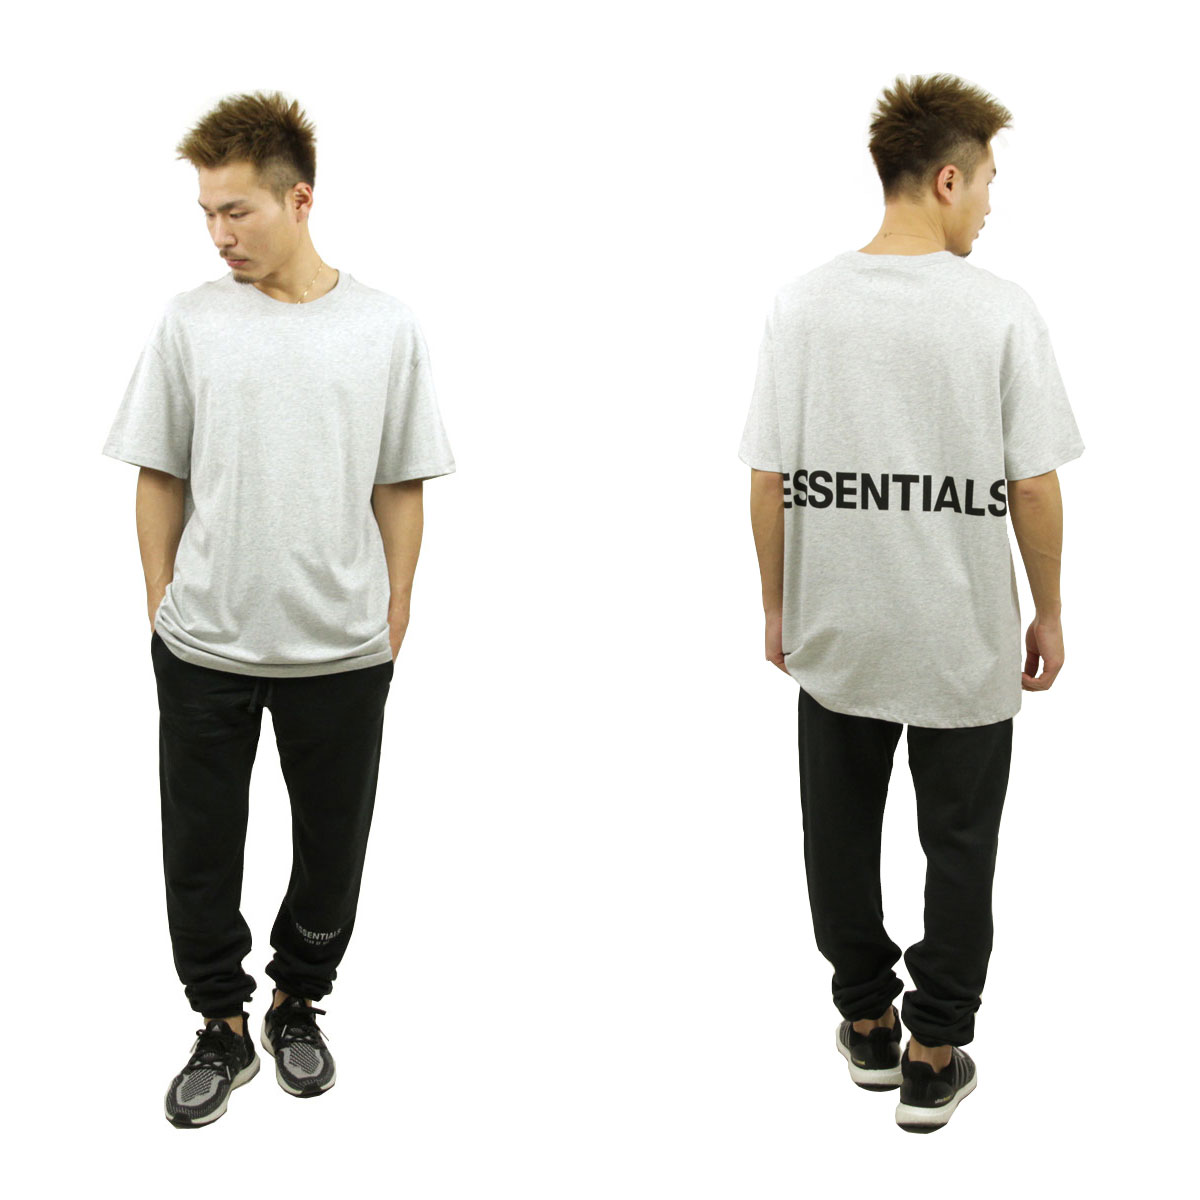 フィアオブゴッド Tシャツ 正規品 FEAR OF GOD 半袖Tシャツ  FOG - FEAR OF GOD ESSENTIALS BOXY GRAPHIC T-SHIRT HEATHER GREY AA5B B1C C1D D1E E02F